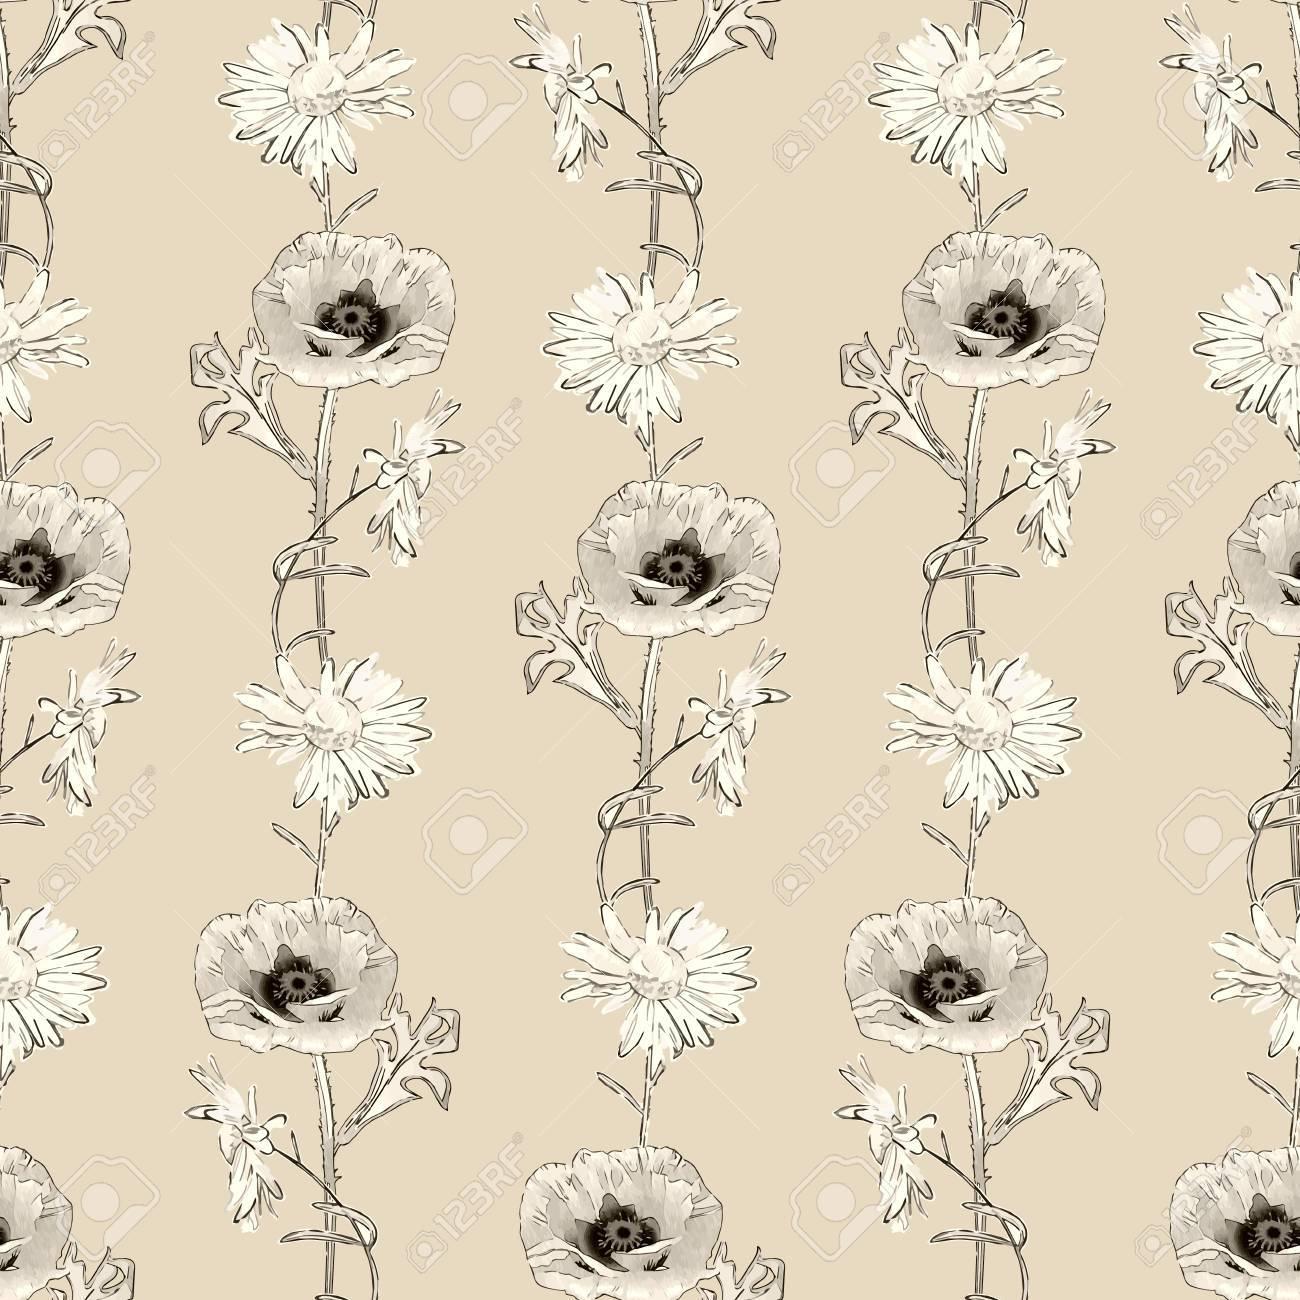 ビンテージ ベクトル手描き花レトロな花柄壁紙クラシック スタイルの背景とのシームレスなパターンのイラスト素材 ベクタ Image